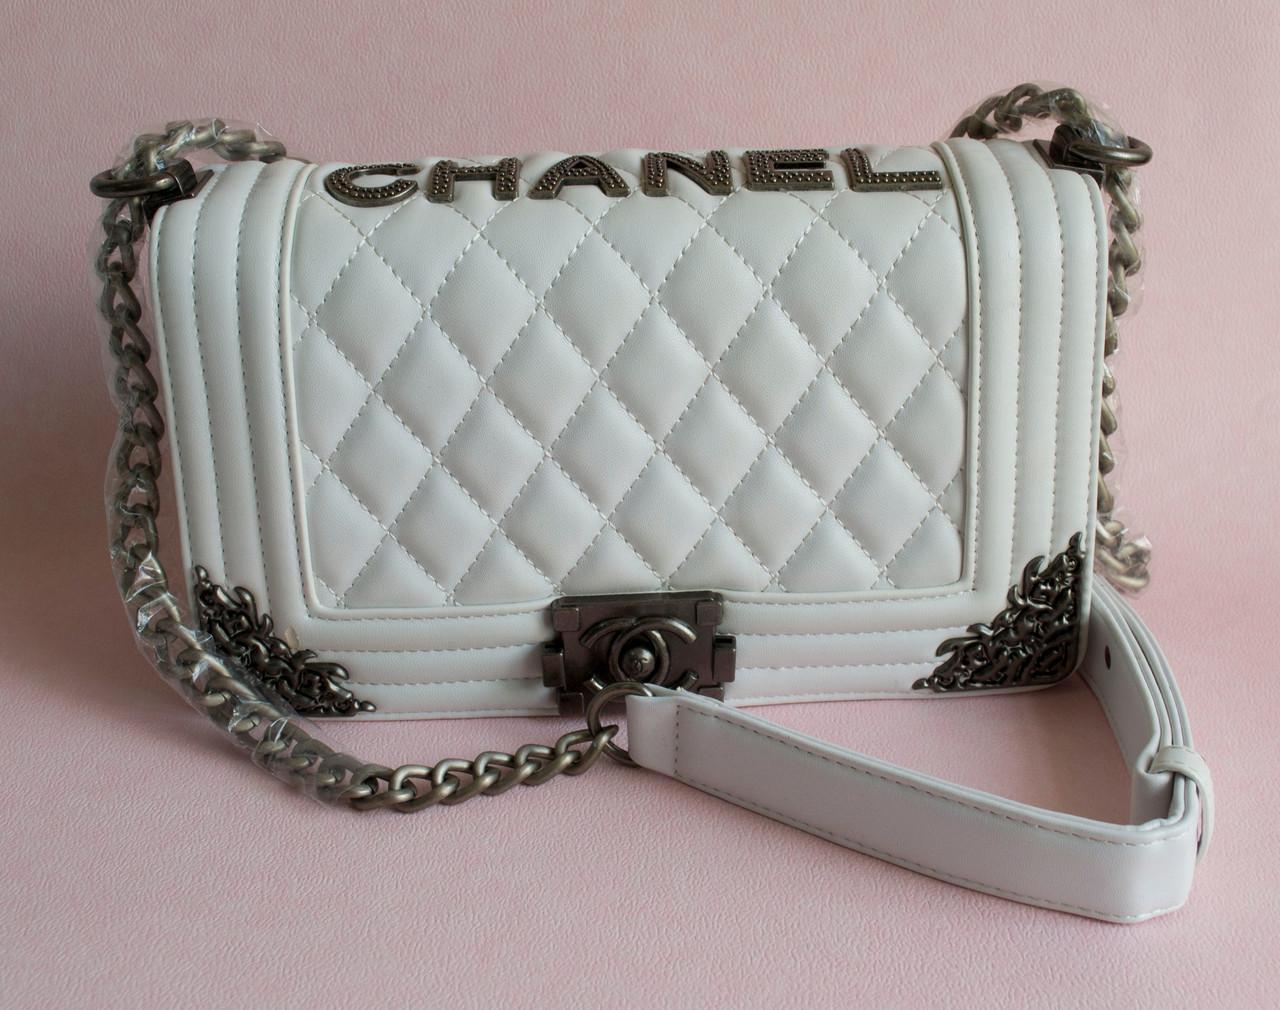 e5ba4664805b Модный клатч в стиле Chanel Boy (царапина) - Лучшие товары на каждый день  Качество